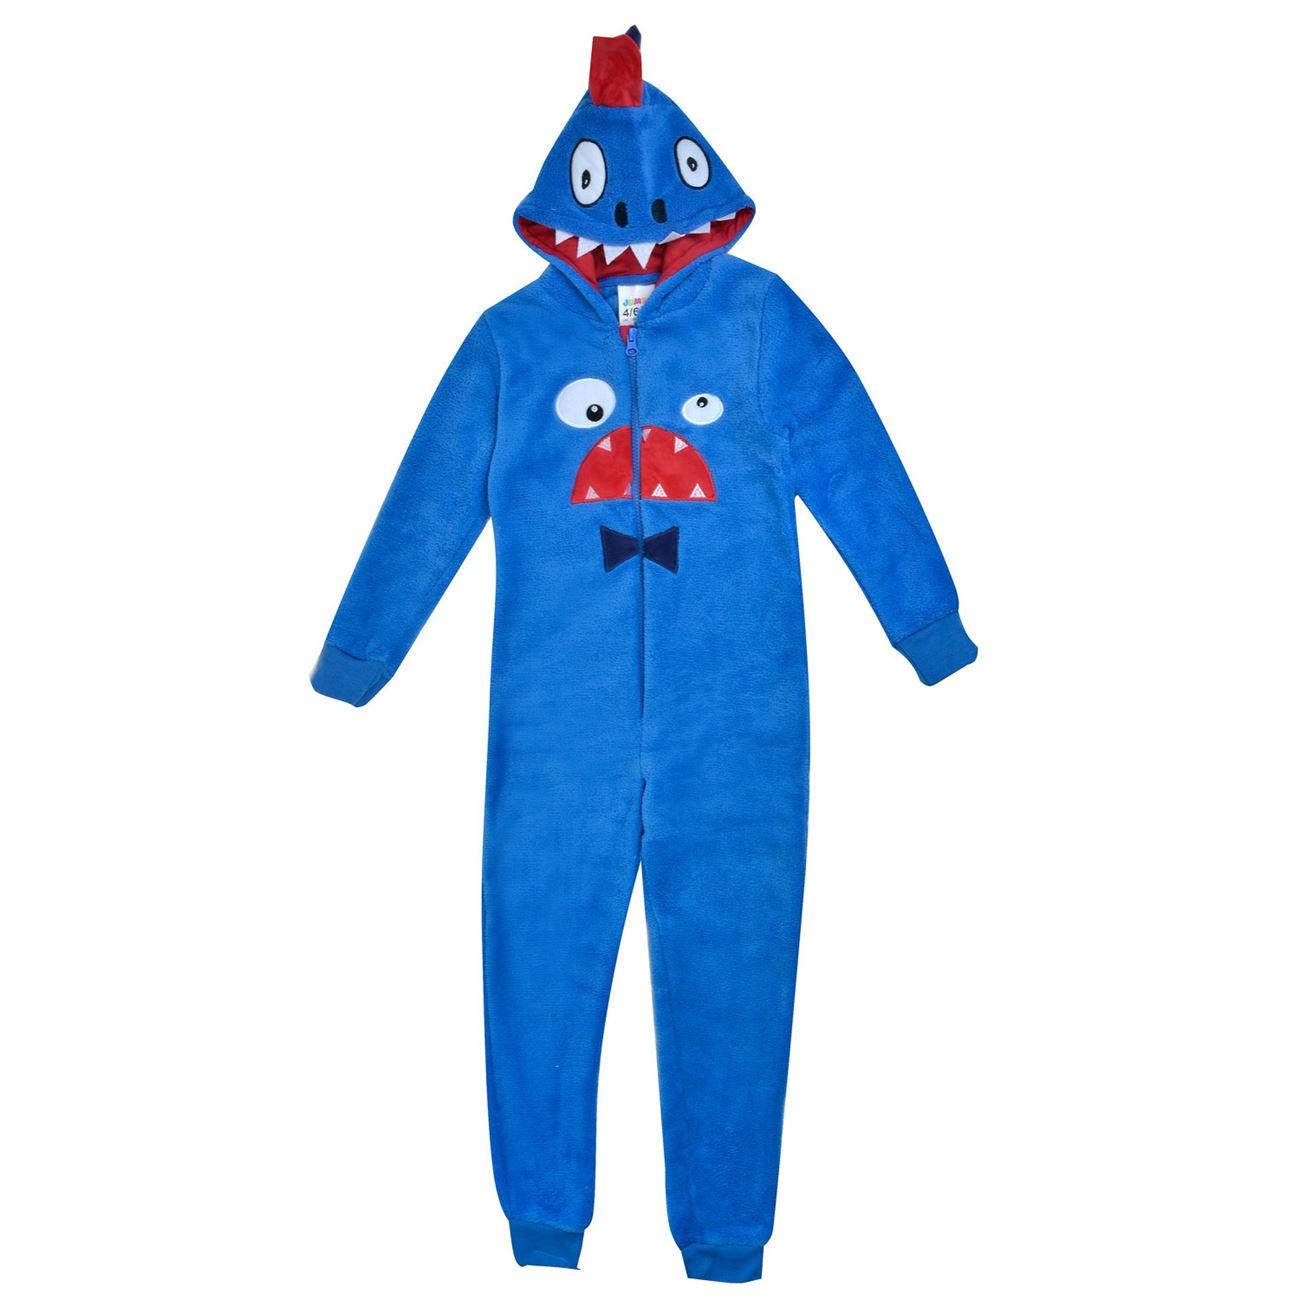 Πυτζάμες Ενηλίκων-Παιδικές   Ρούχα-Αξεσουάρ Ένδυσης  dc42a9c2b55